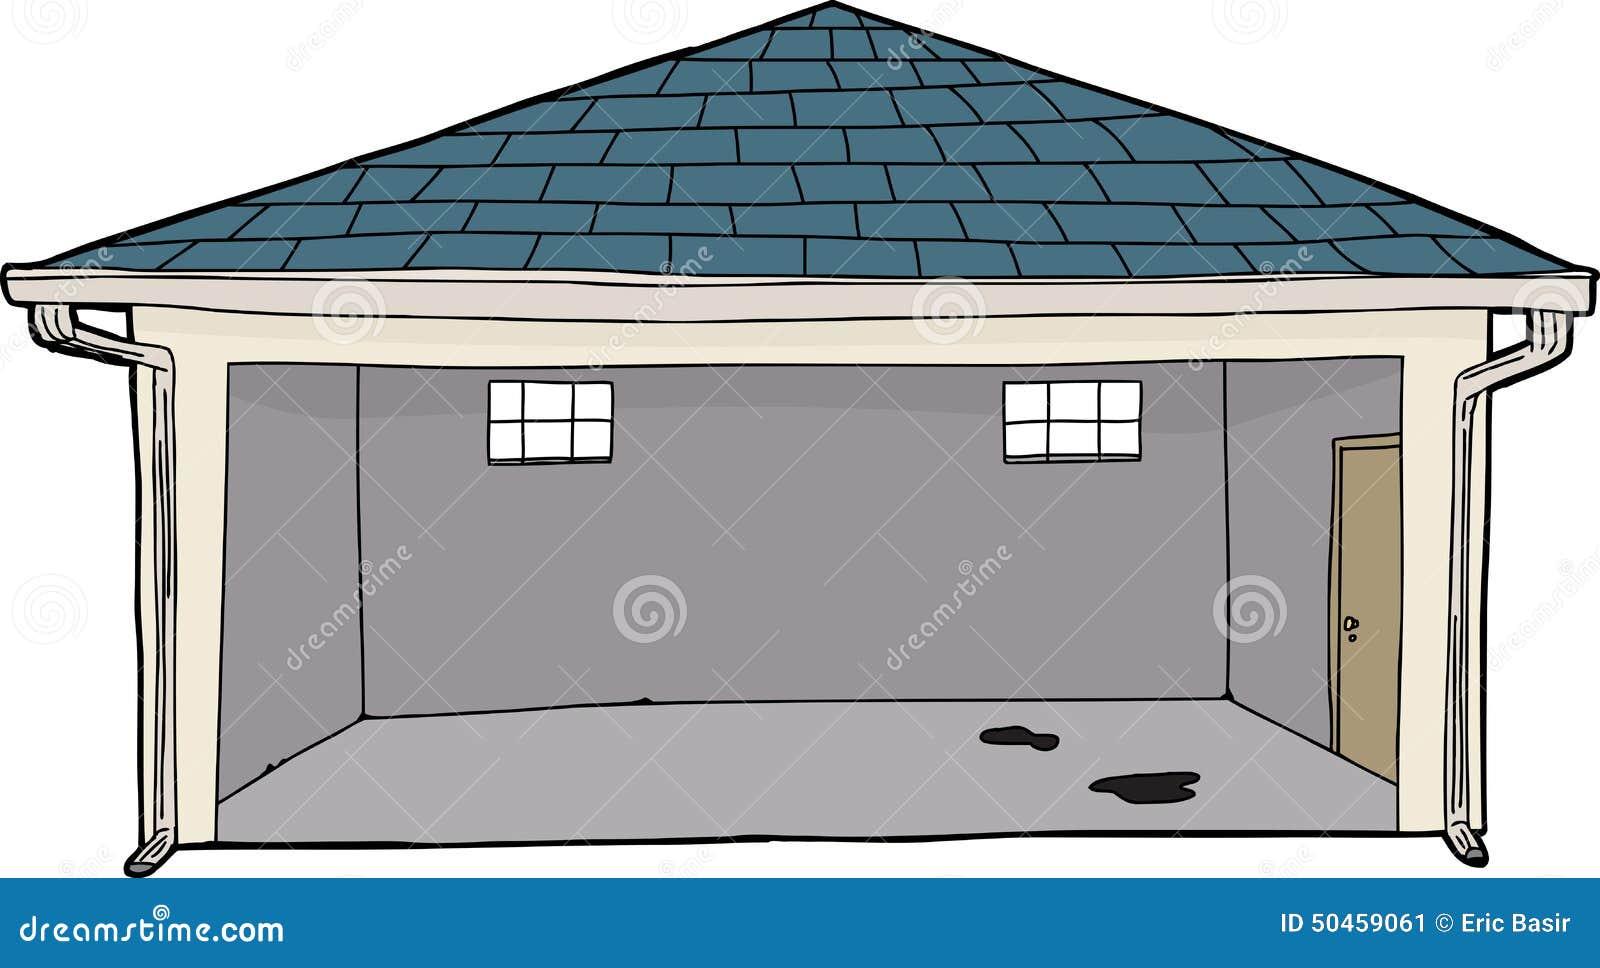 Garage Door Clip Art : Empty cartoon garage stock illustration of